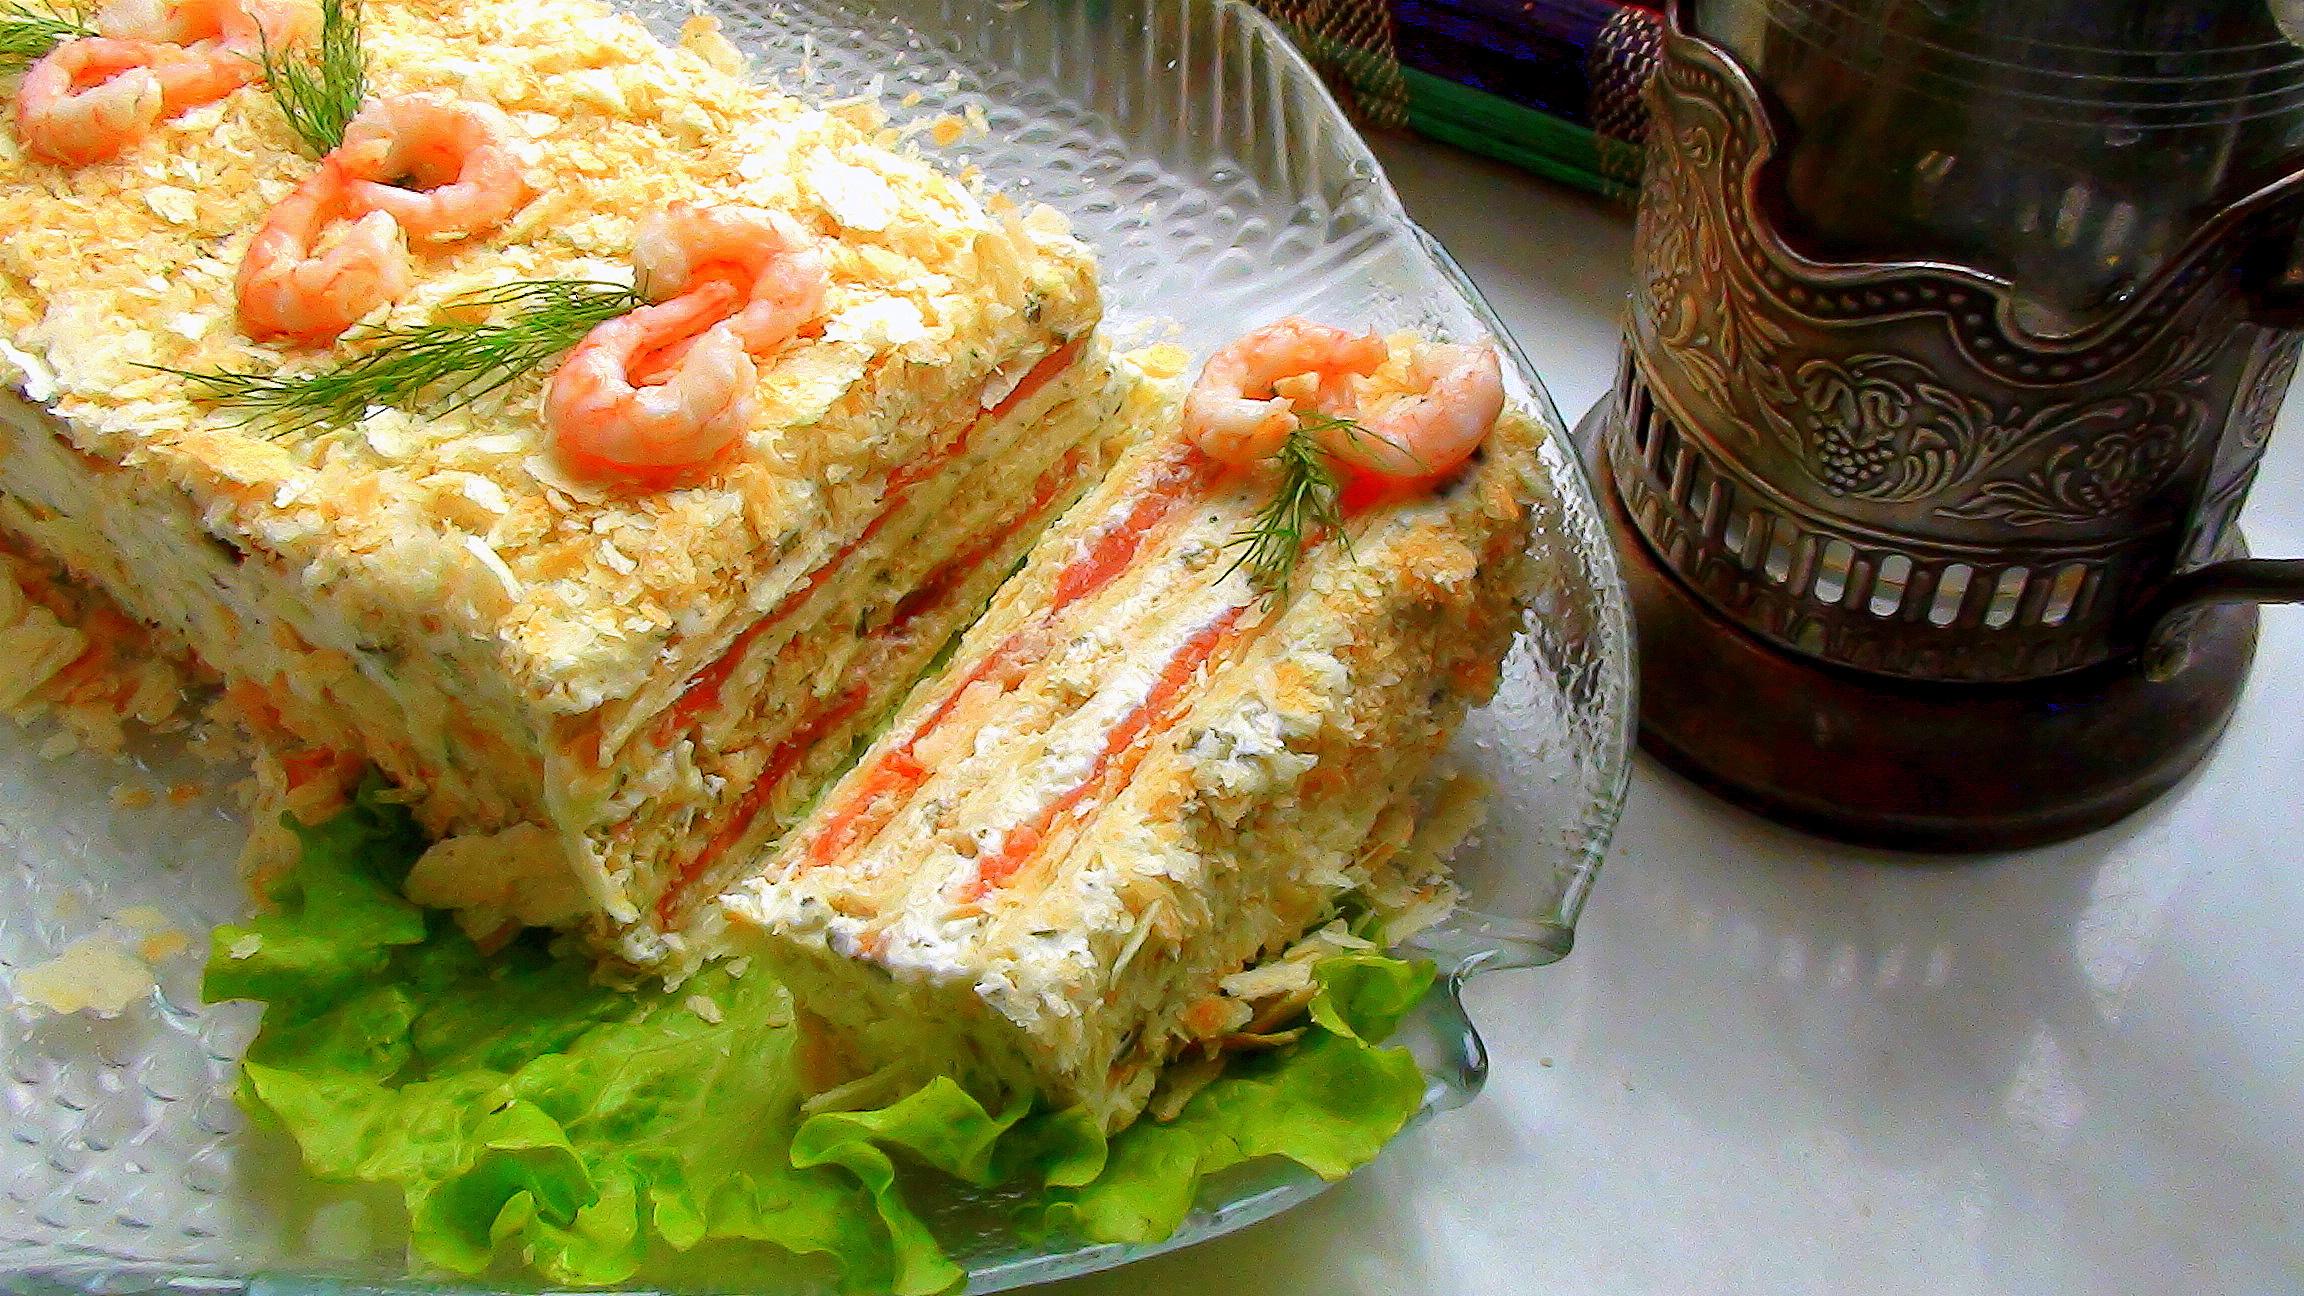 Закусочный торт из коржей наполеон с грибами